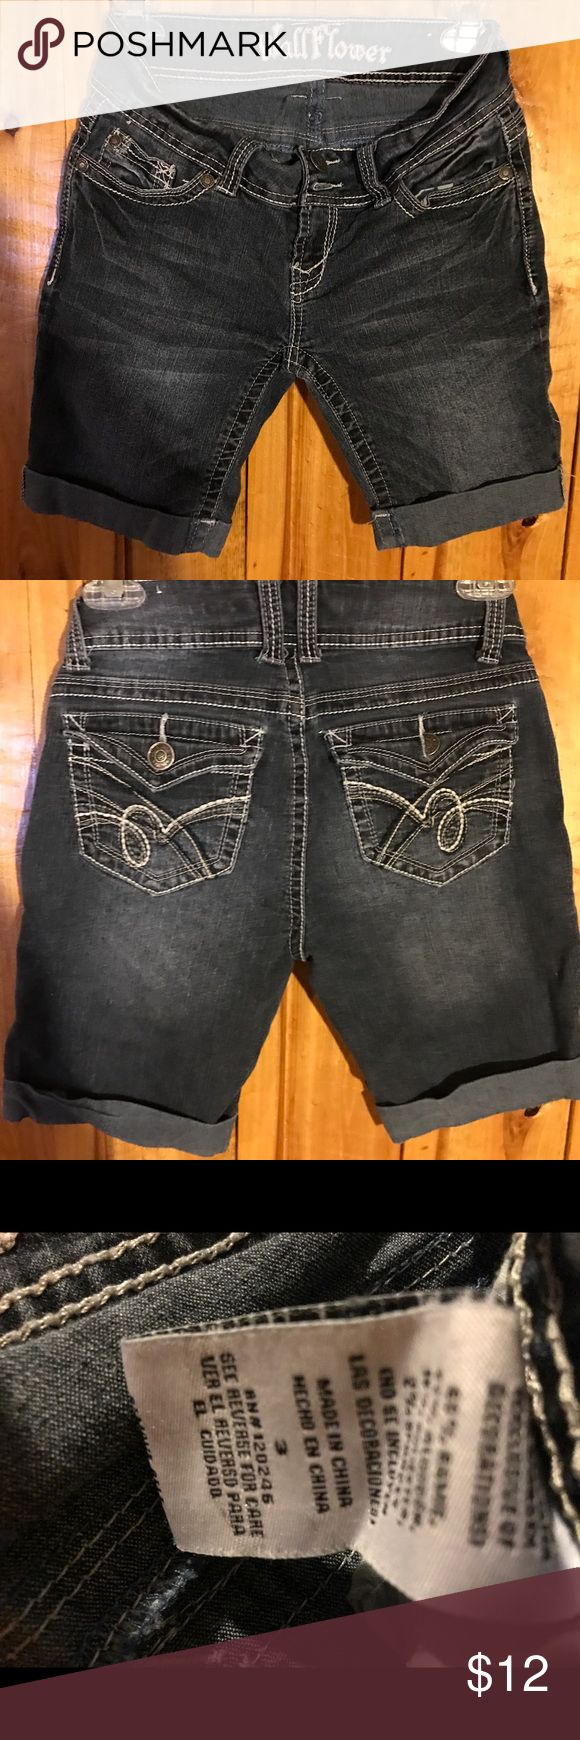 Wallflower jean shorts size 3 Wallflower jean shorts size 3 Wallflower Shorts Jean Shorts